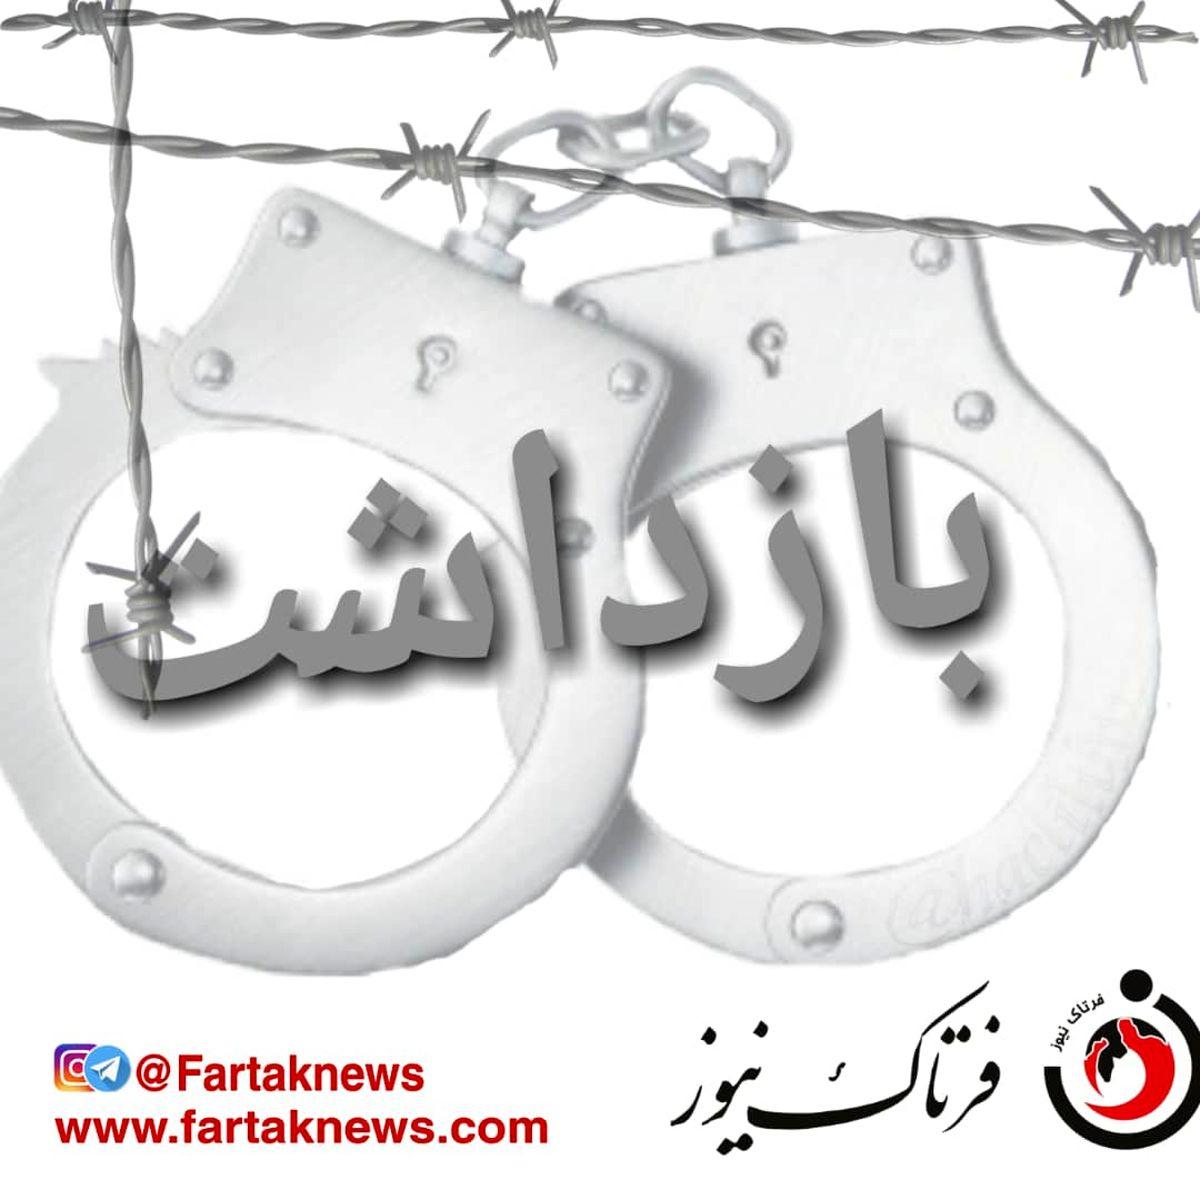 قتل در اهواز / رضا یک تنه همه را زد و گریخت+جزئیات